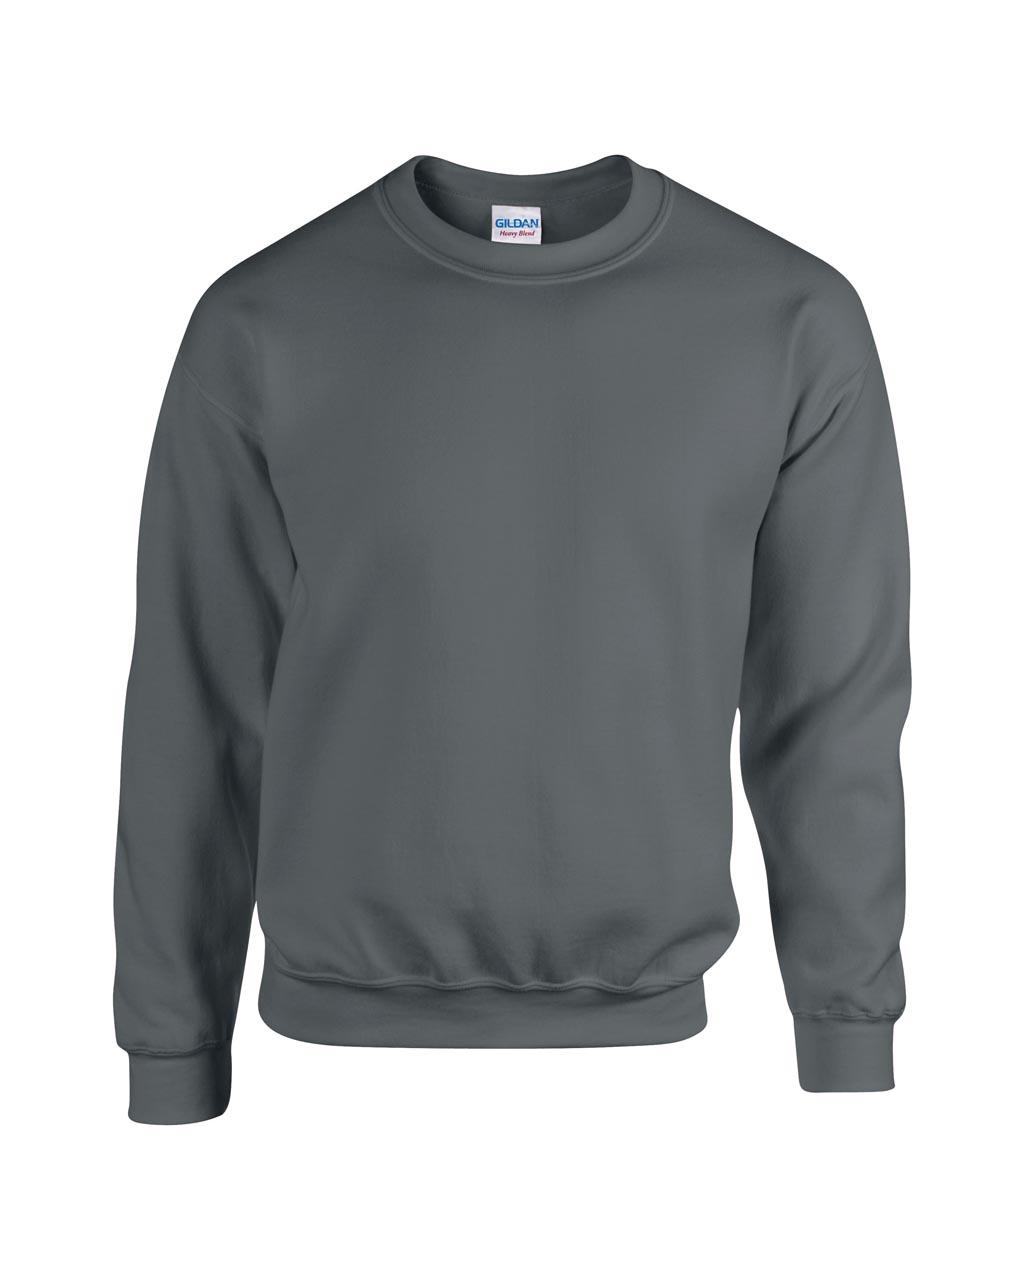 Gildan Sweatshirt charcoal